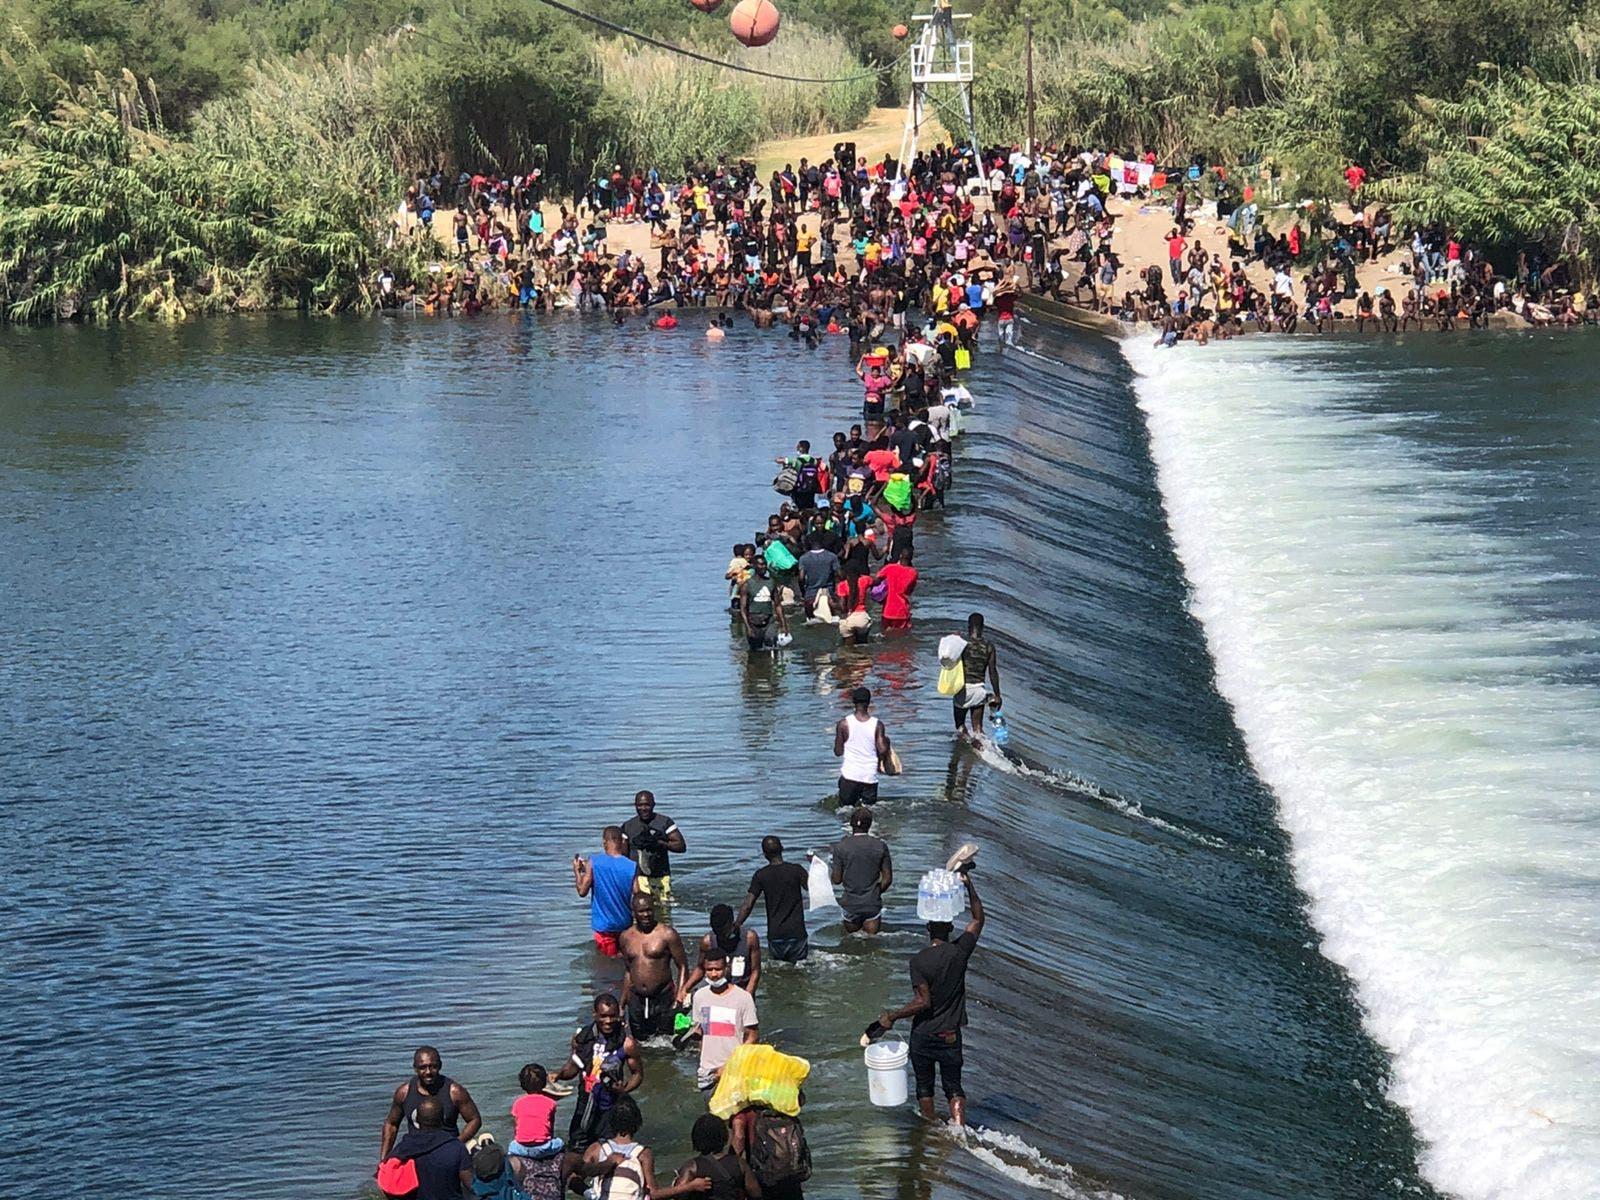 Imágenes de los miles de migrantes haitianos acampando bajo puente en Texas